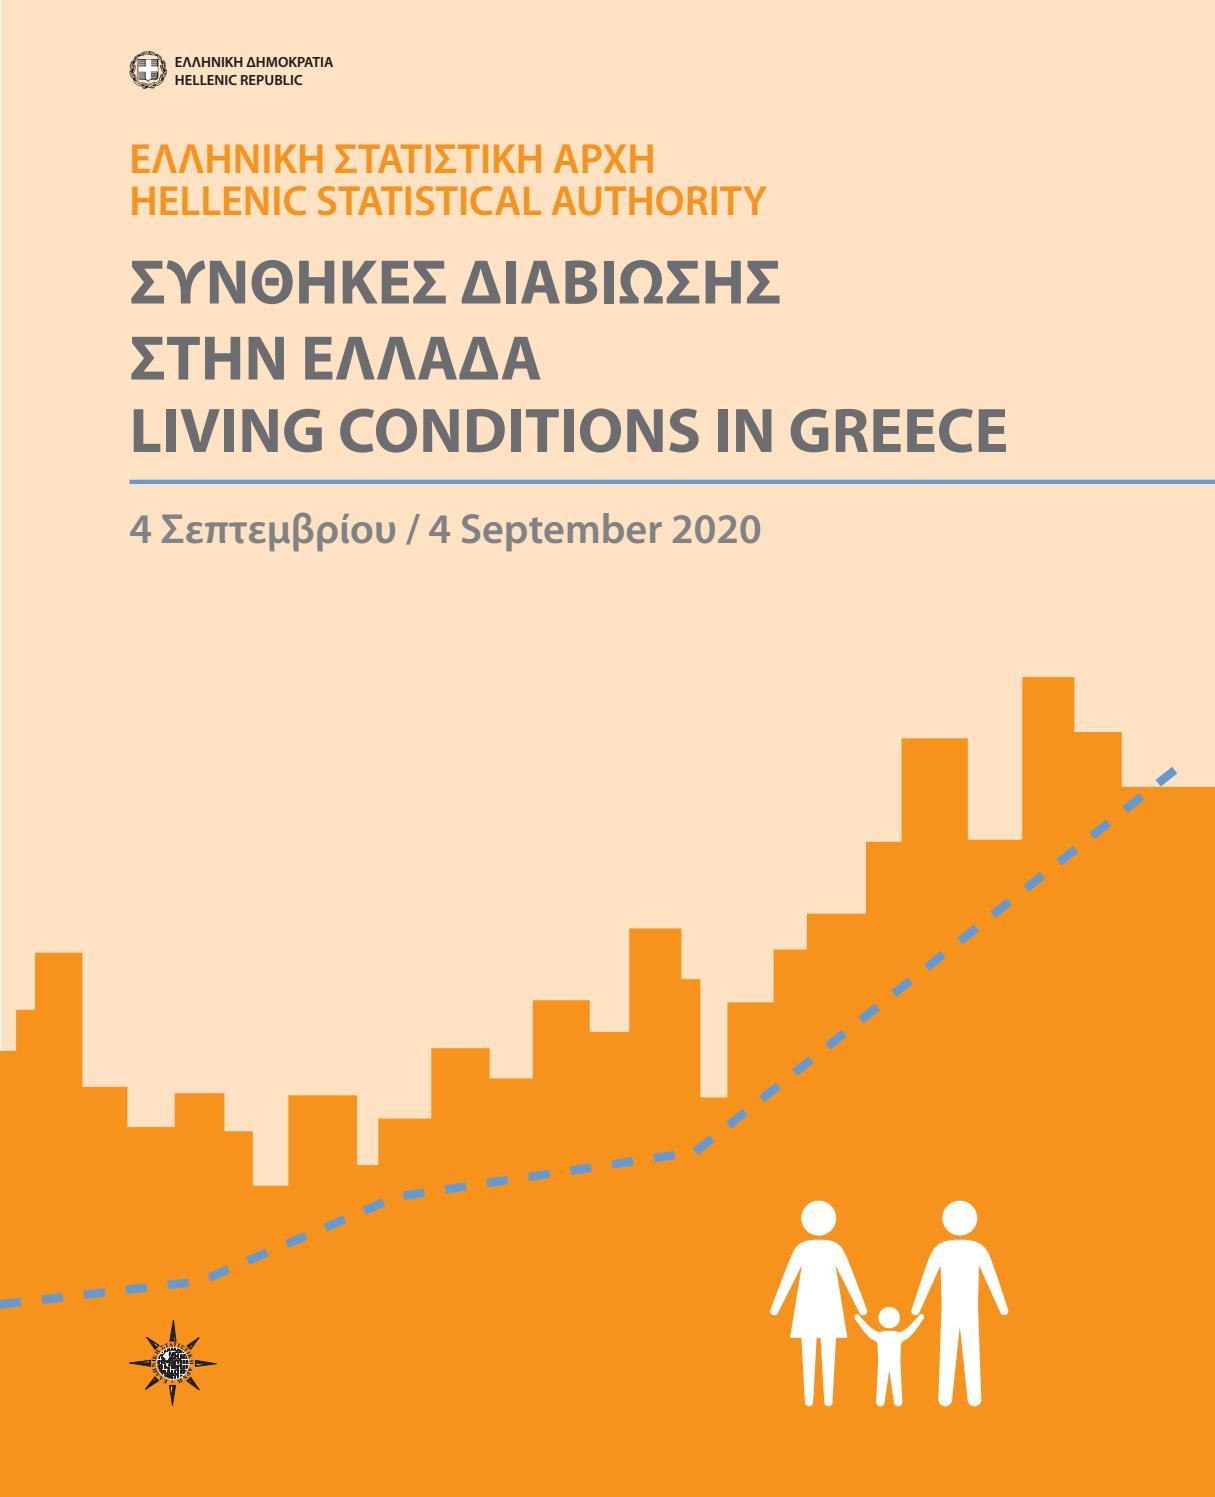 Συνθήκες Διαβίωσης στην Ελλάδα - Living Conditions in Greece